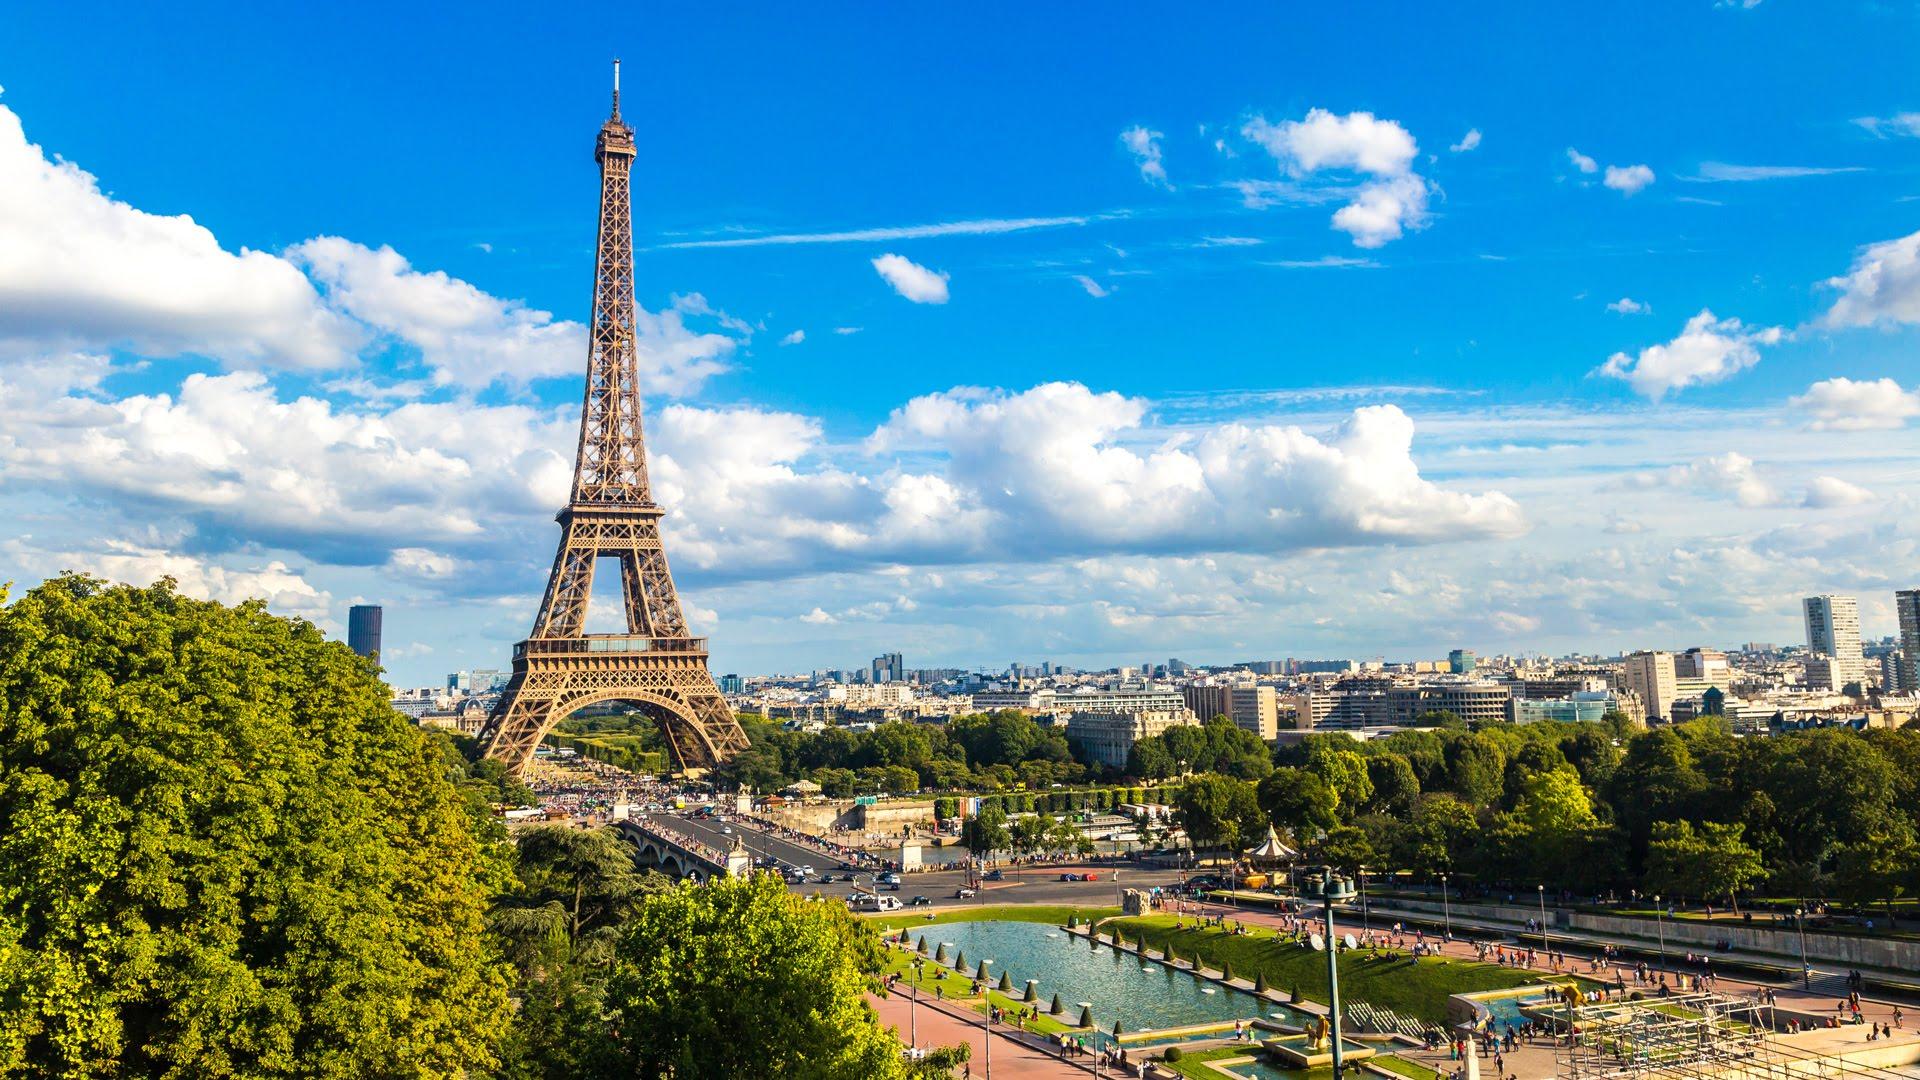 「一起到巴黎來趟浪漫之旅」- Paris, France: Top Things to Do